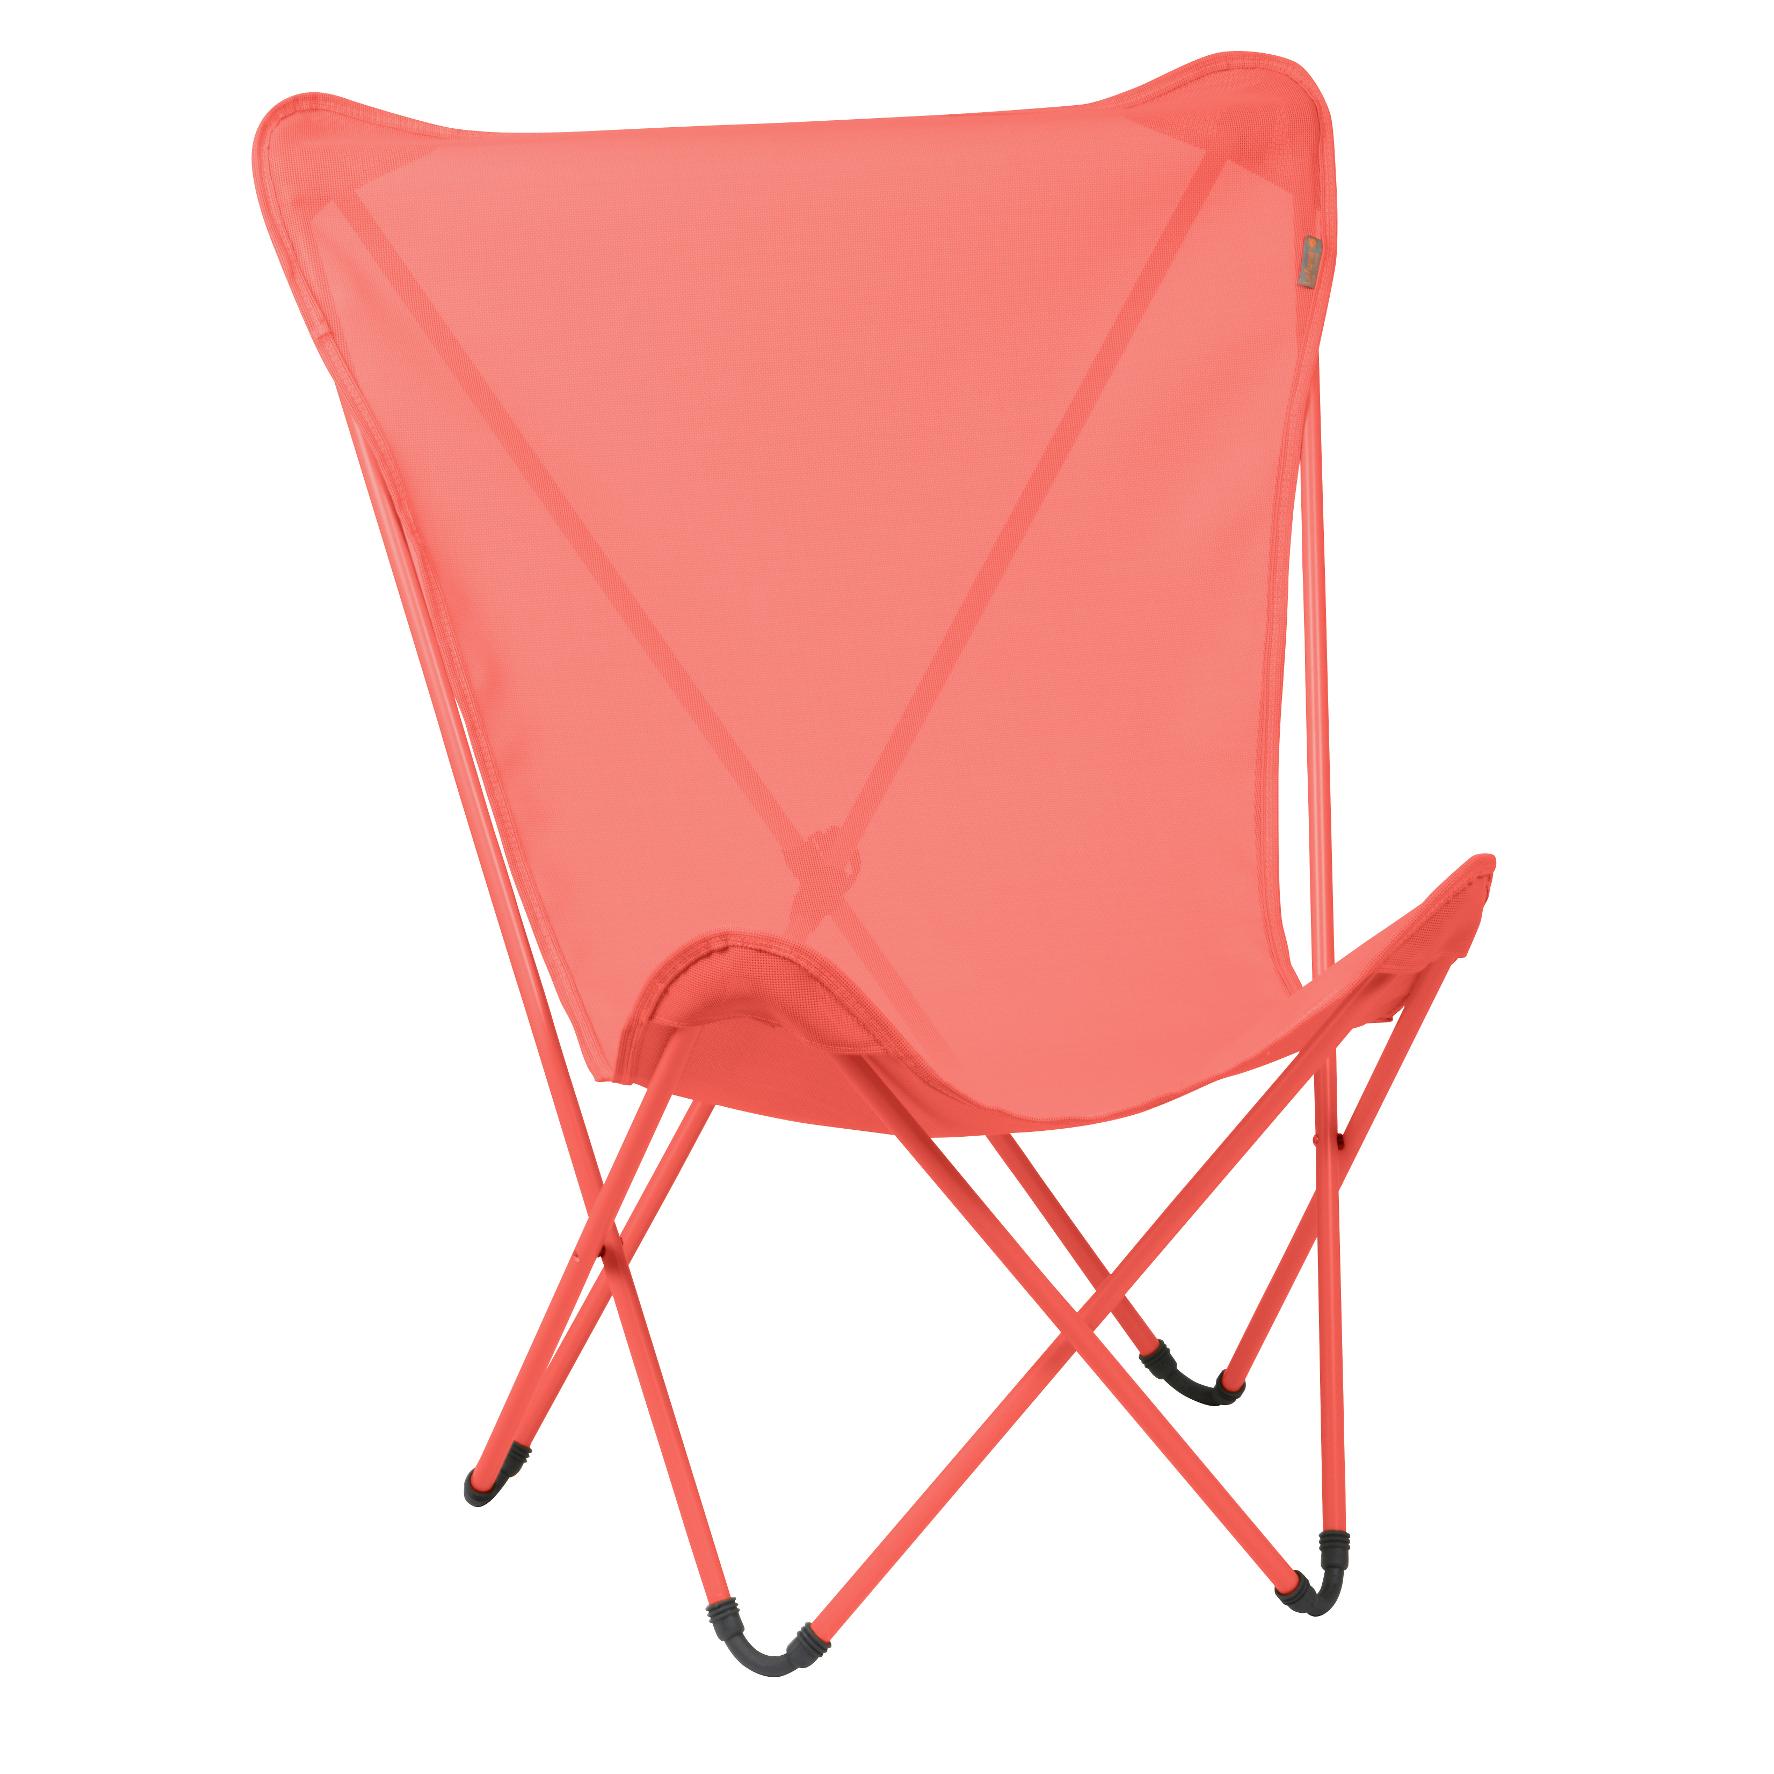 Lafuma c maxi pop up chaise de camping colorblock batylin - Chaise de jardin lafuma ...